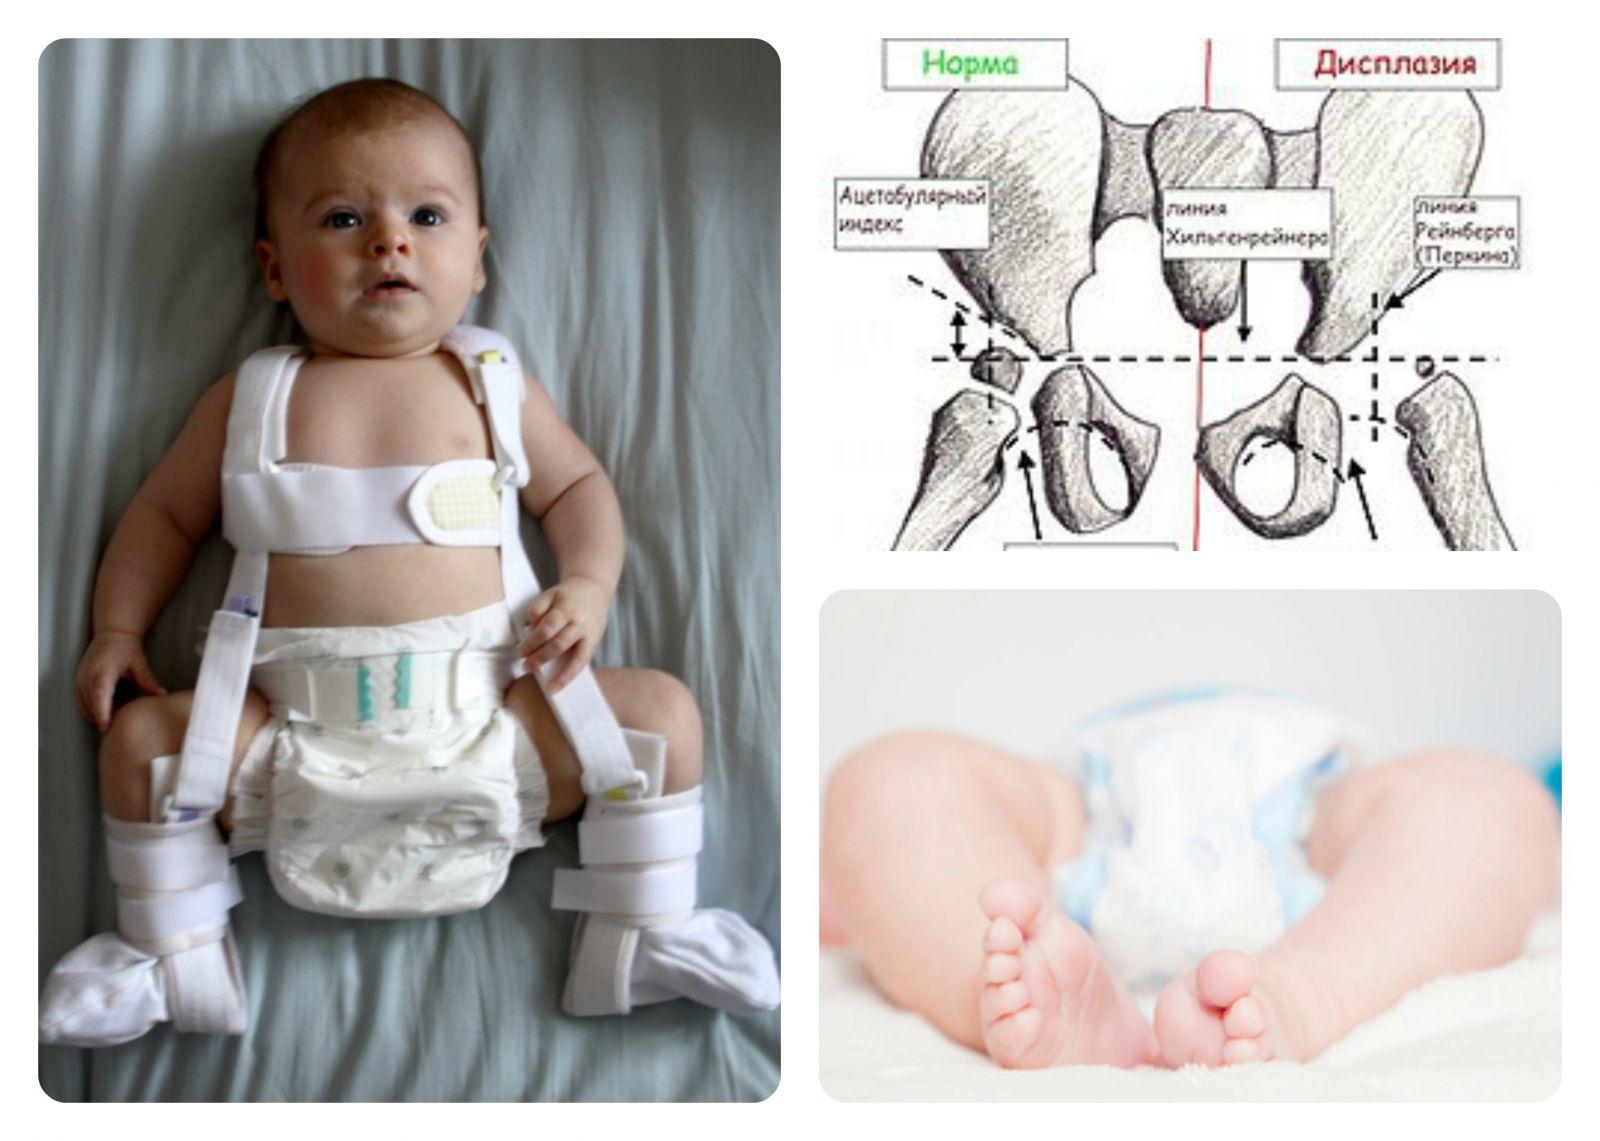 дисплазия тазобедренных суставов у детей в 2 года